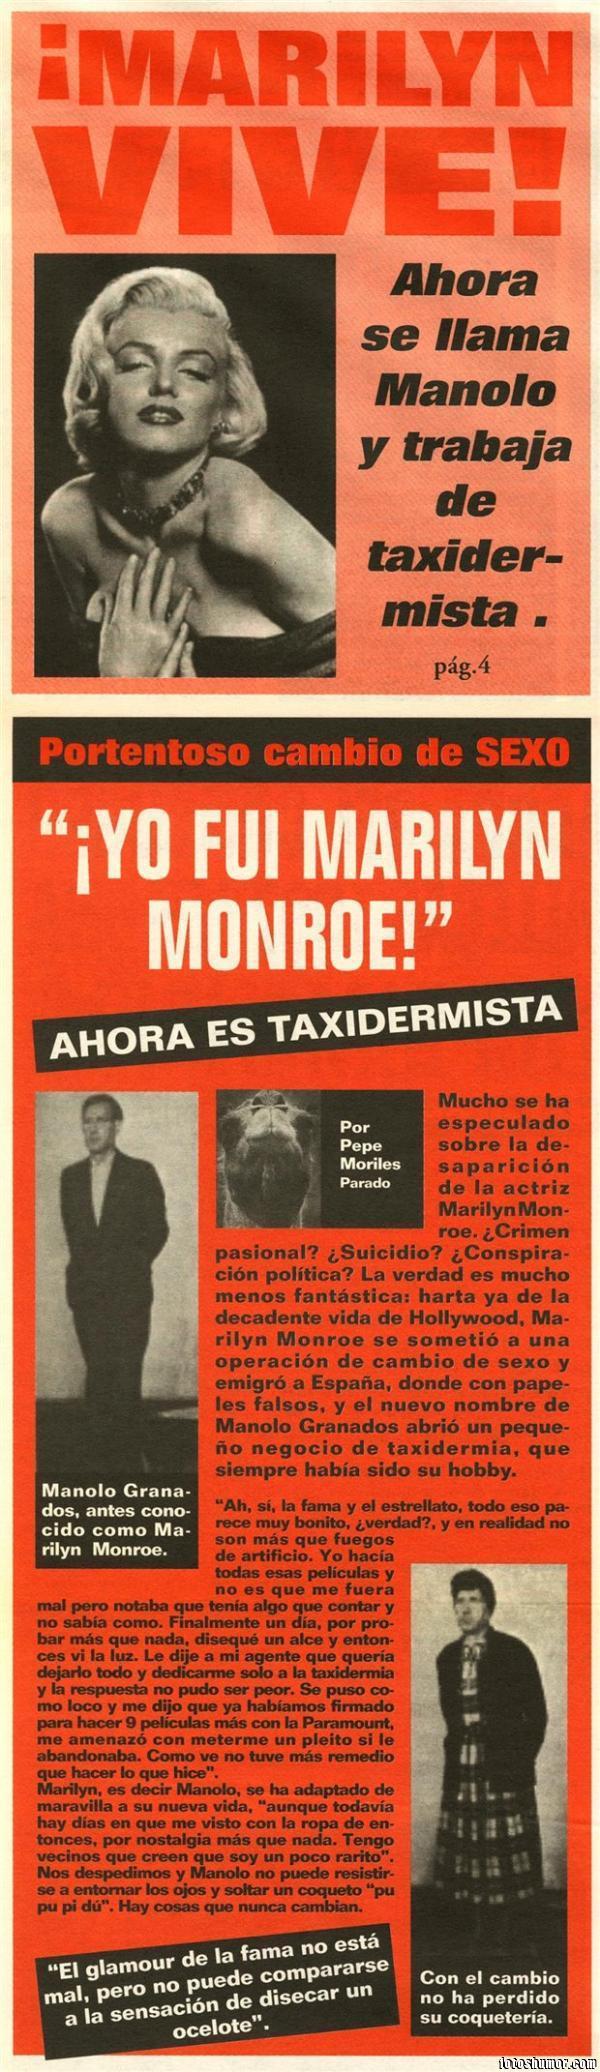 PUES SÍ... ESTAS COSAS OCURREN... - Página 6 336441438356235-Marilyn-Monroe-vive